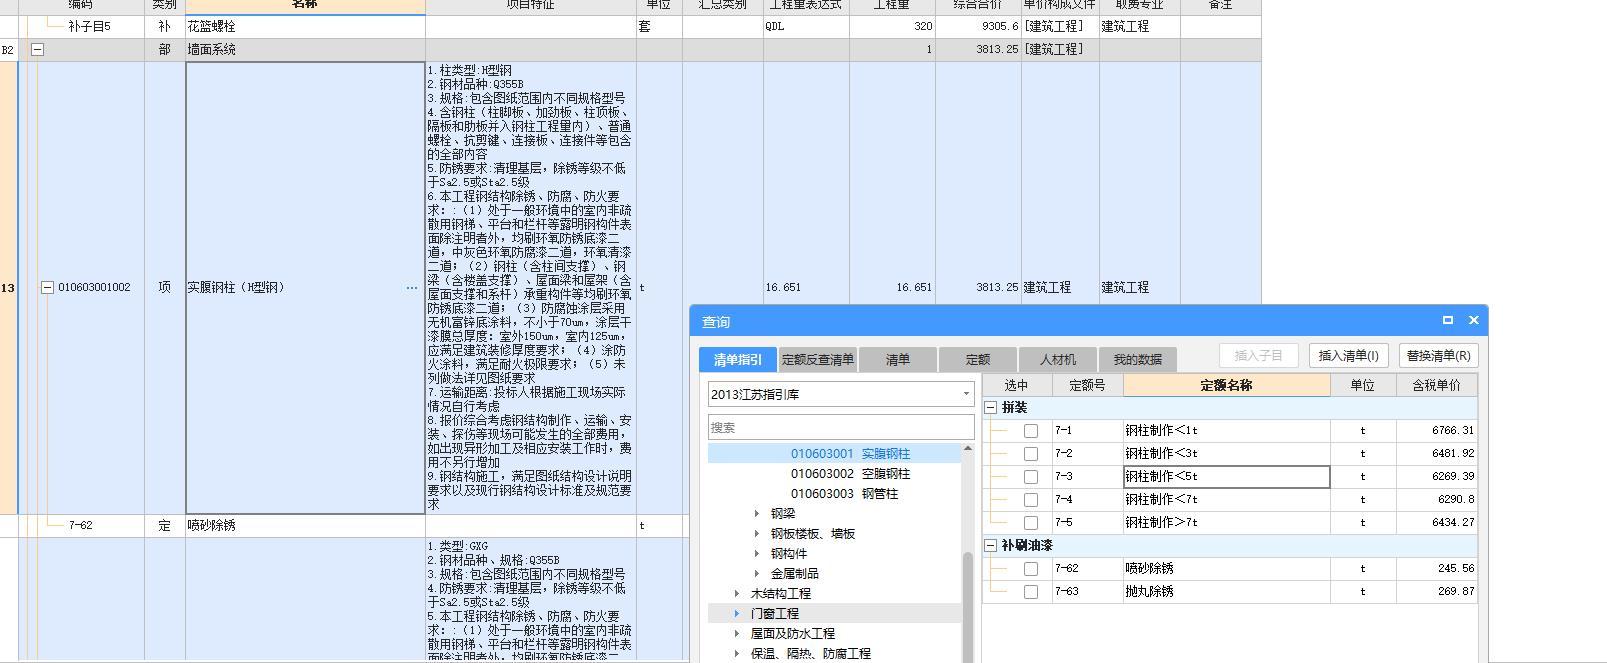 土建,江苏,计价软件GCCP,答疑:我这个钢柱该套哪个重量的定额要-江苏土建,计价软件GCCP,